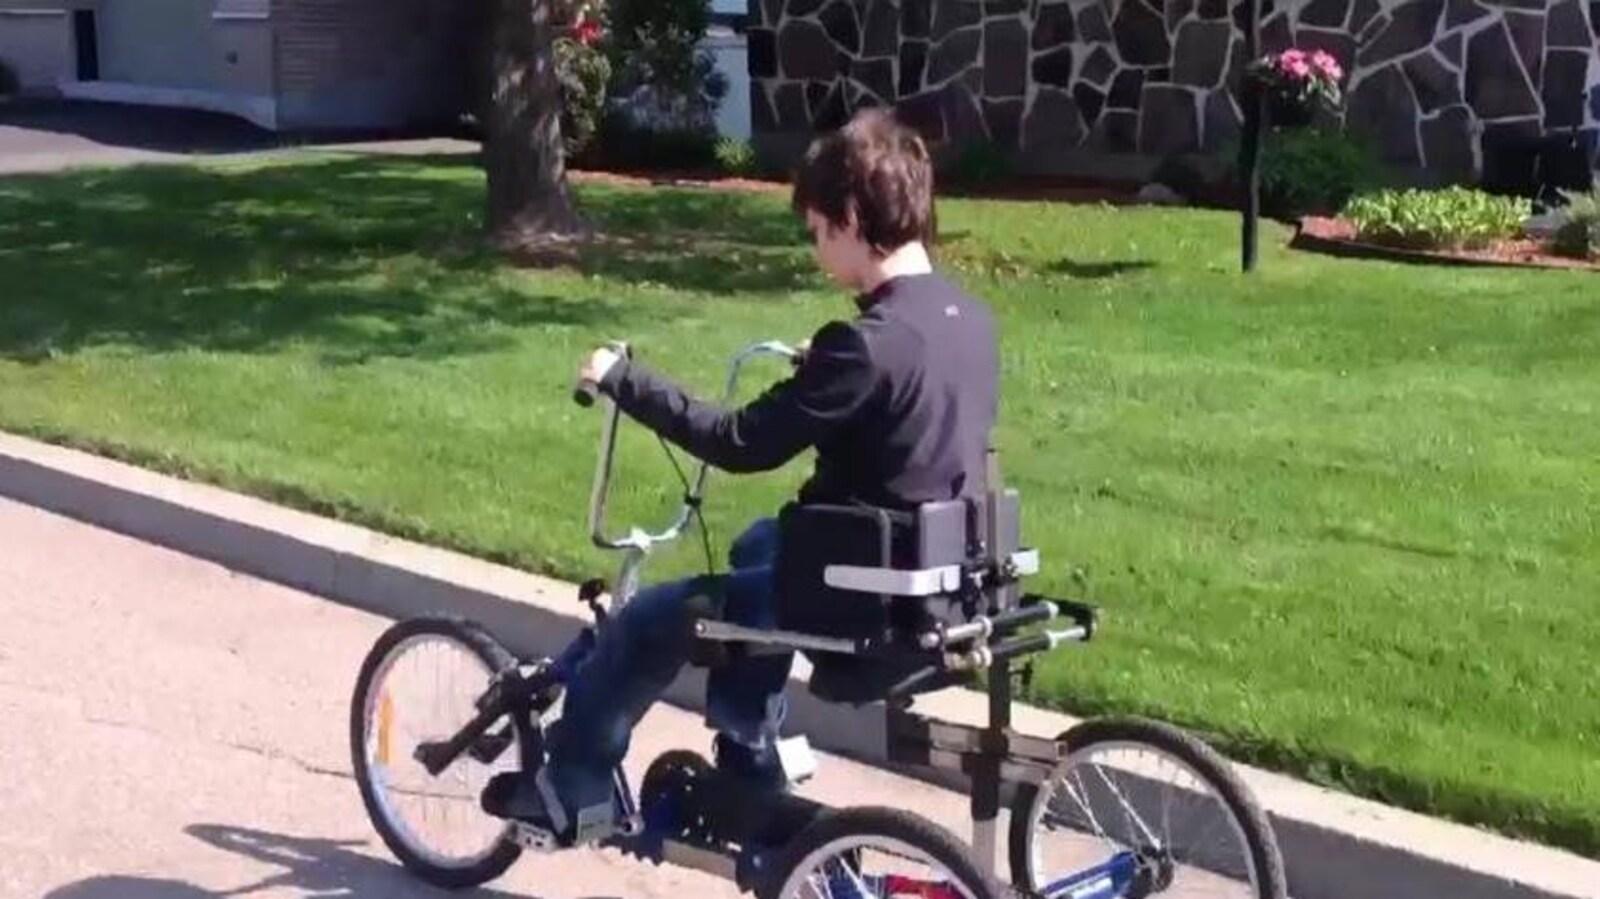 Le vélo adapté de Anne-Sophie Provencher a été volé lundi soir à Trois-Rivières.